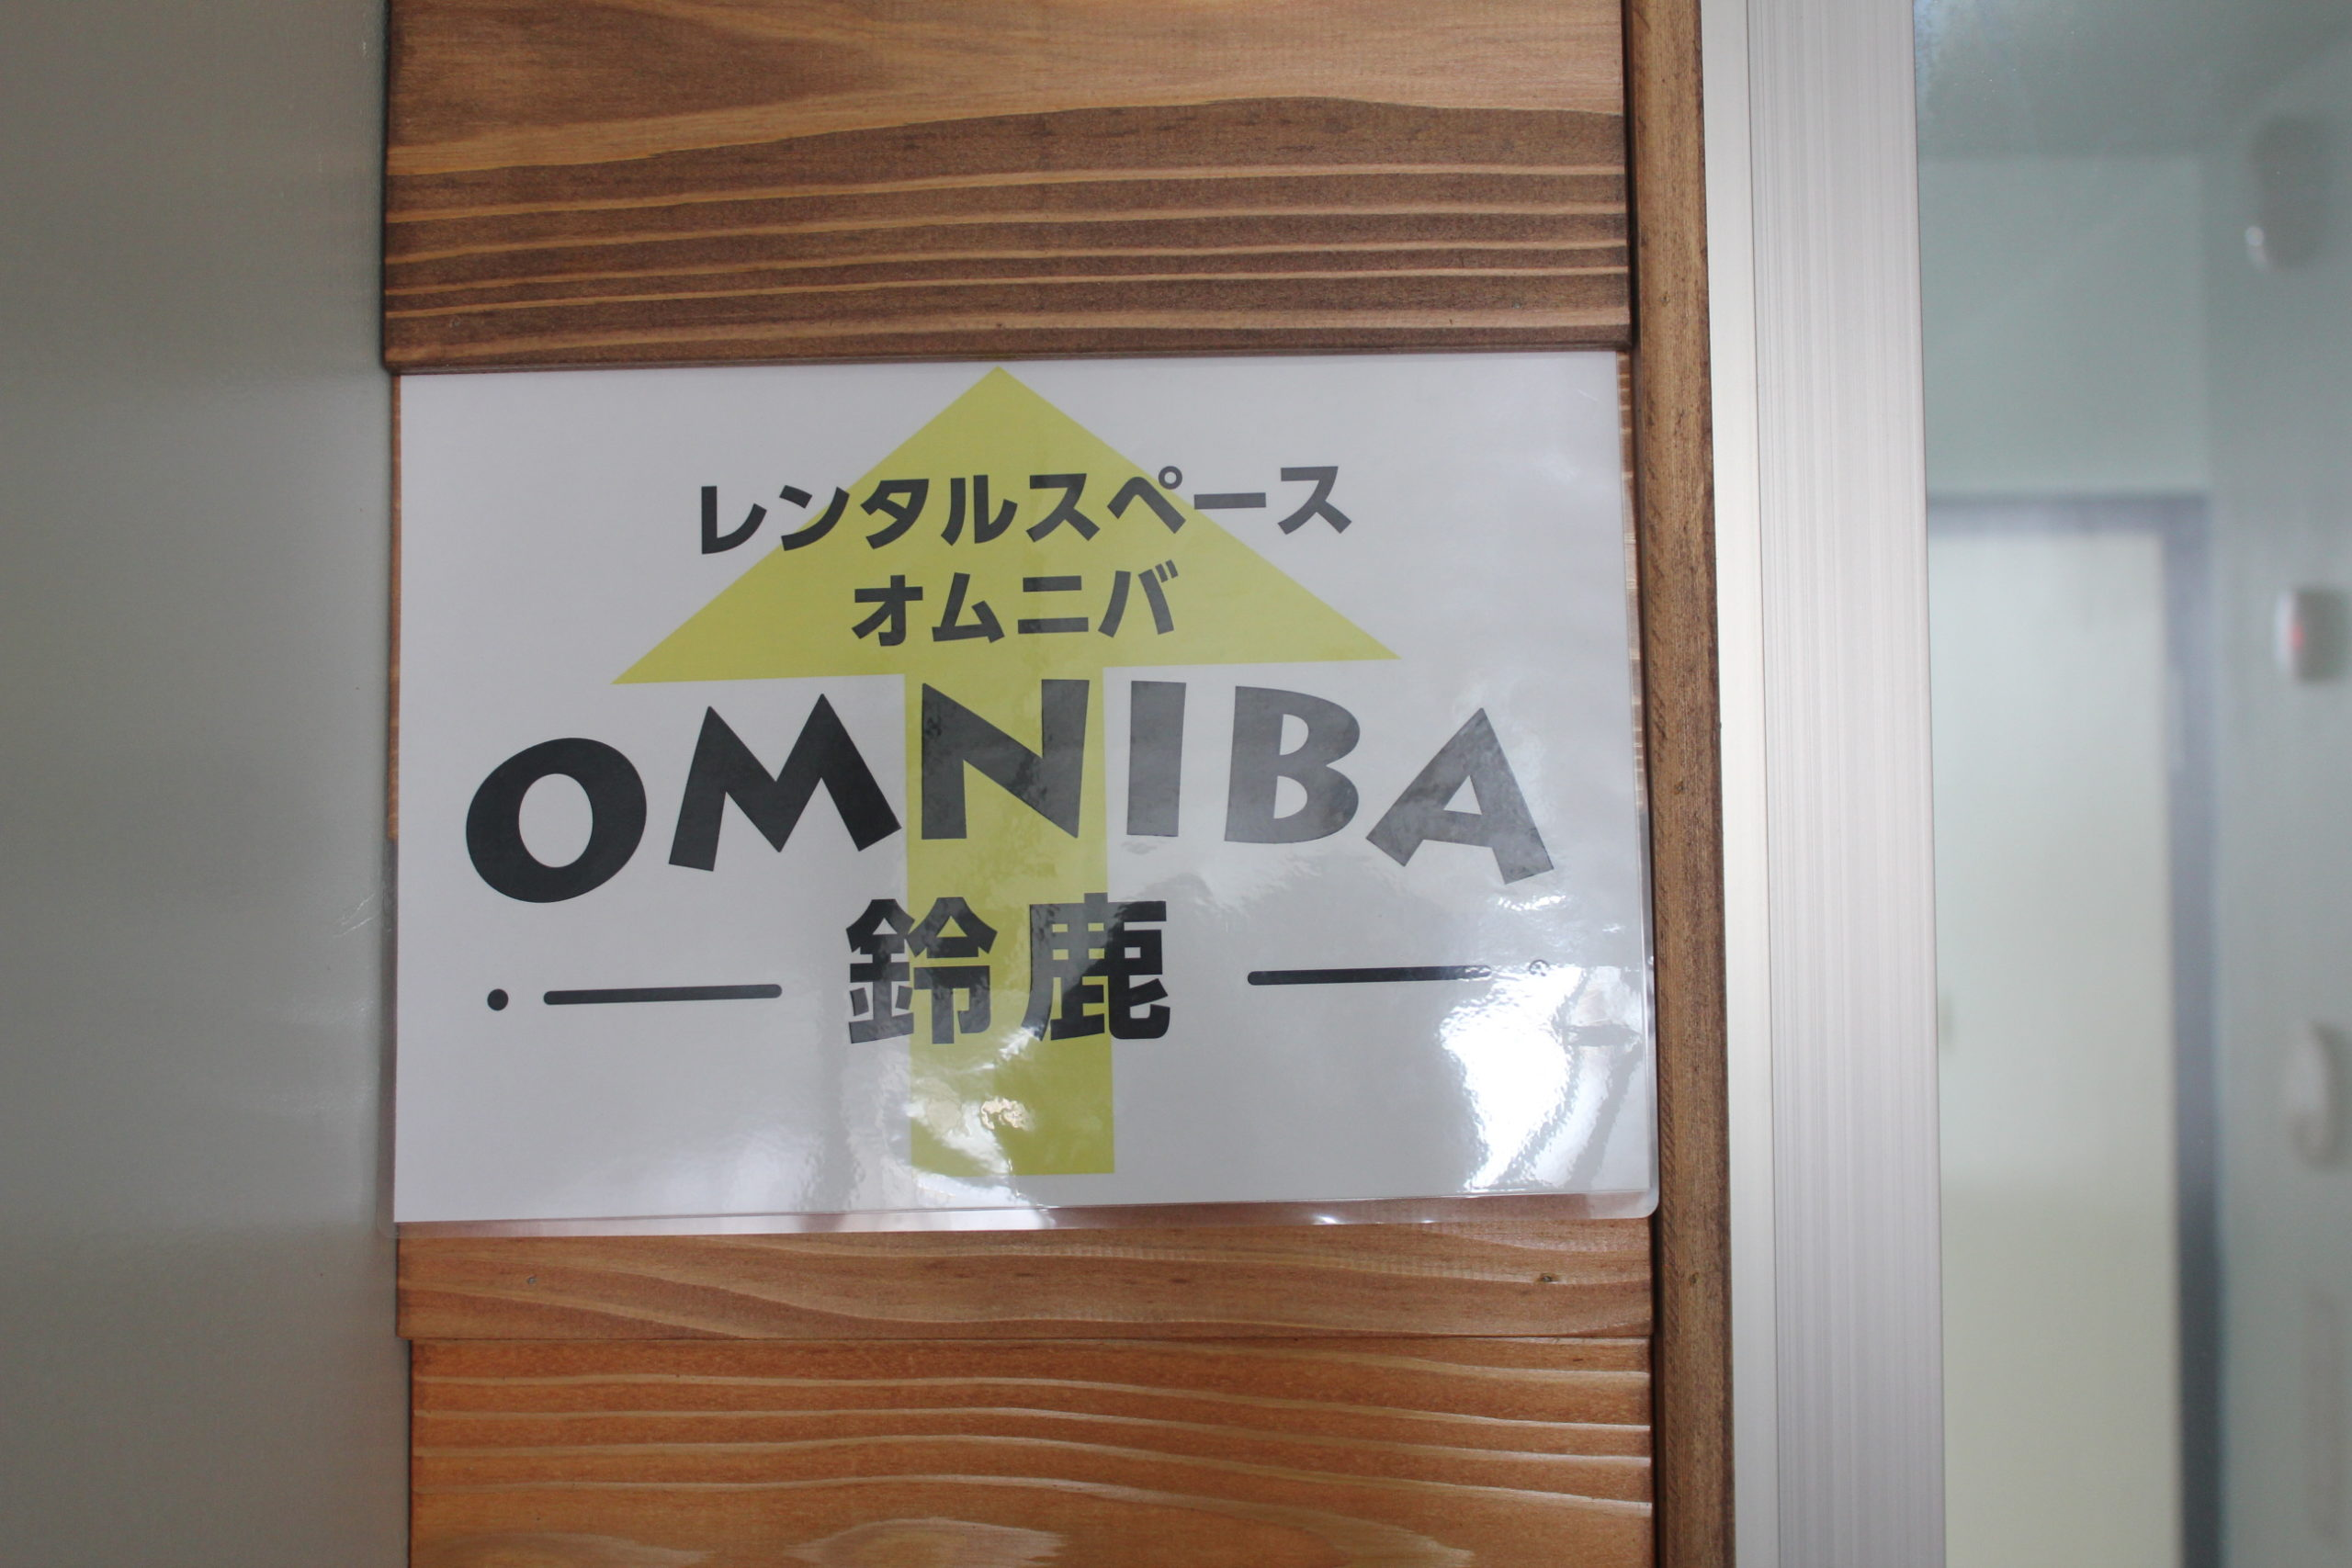 オムニバ鈴鹿看板